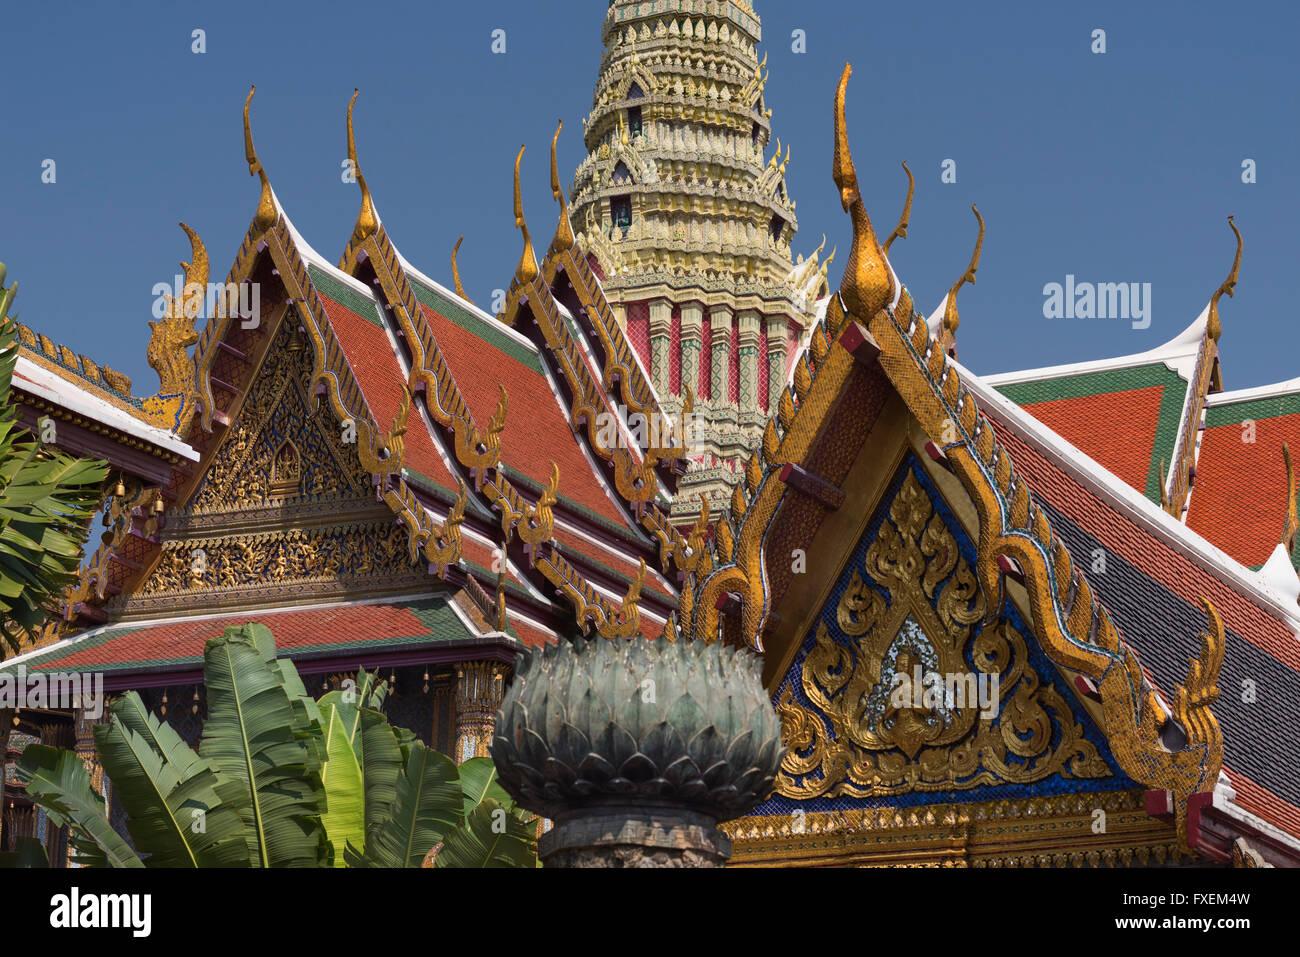 Wat Phra Kaew Grand Palace Bangkok Thailand Imagen De Stock